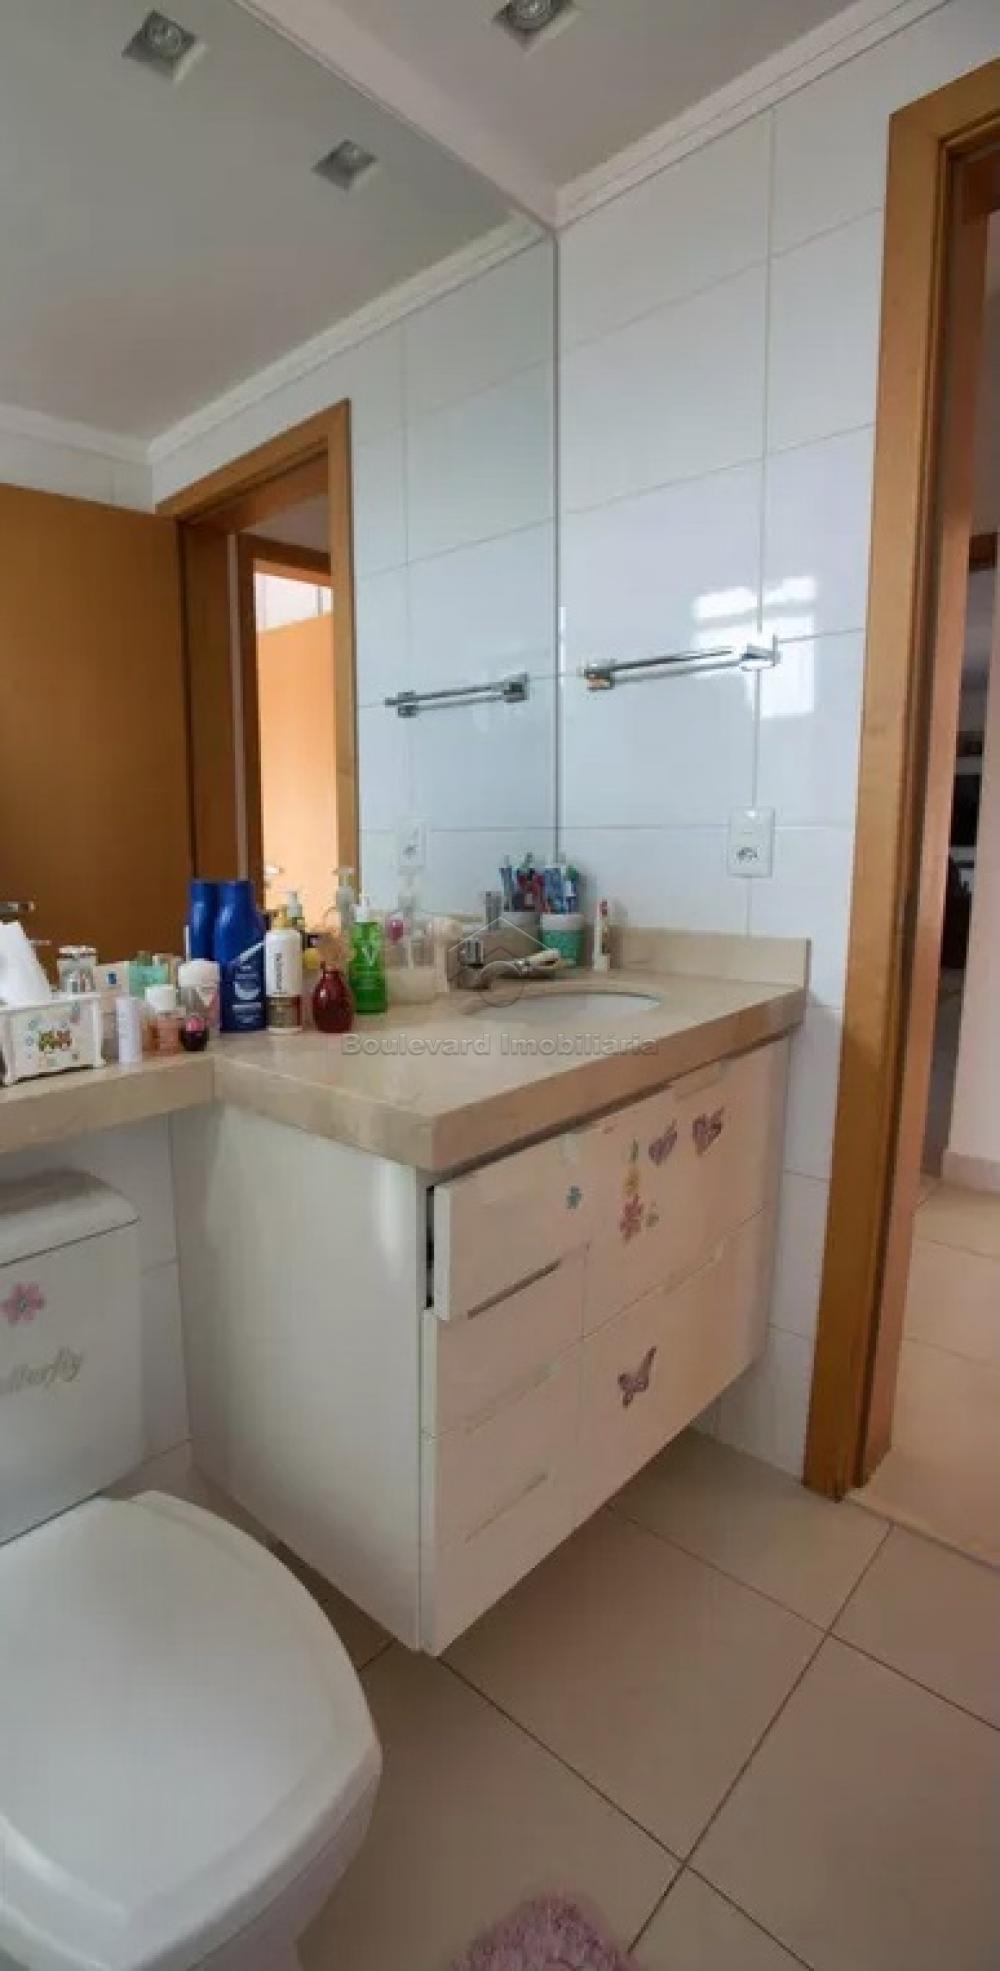 Alugar Apartamento / Padrão em Ribeirão Preto R$ 4.200,00 - Foto 15